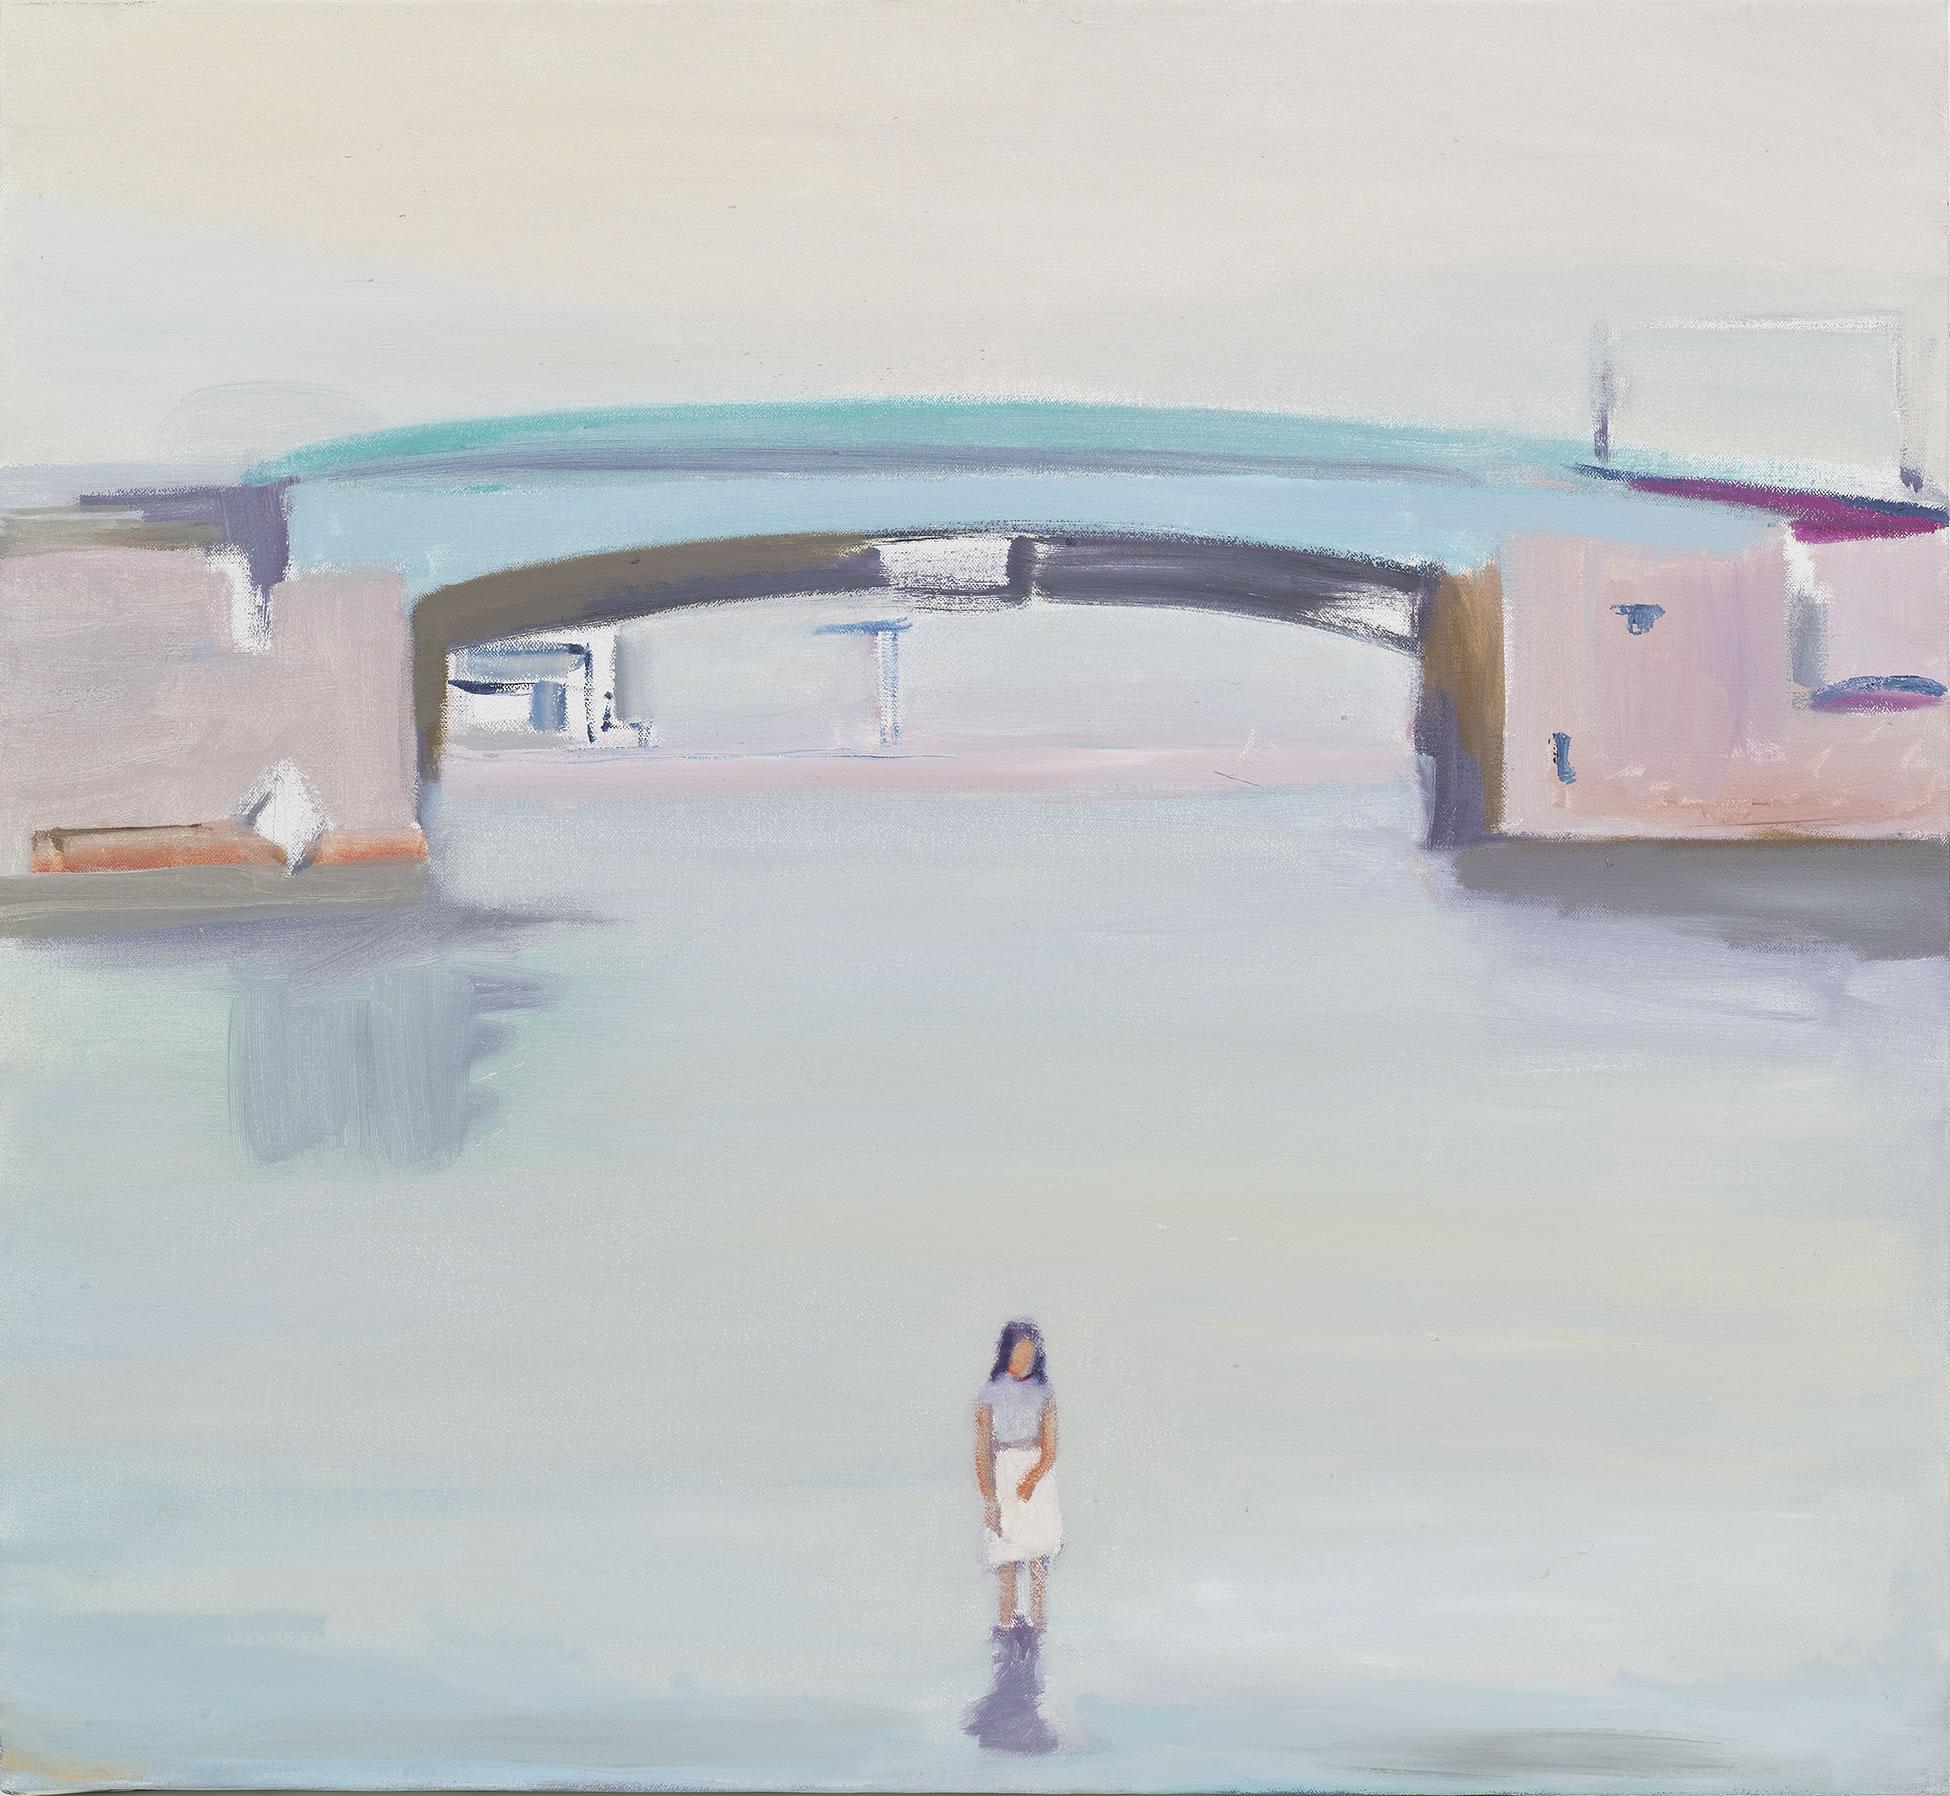 Bridge_0070